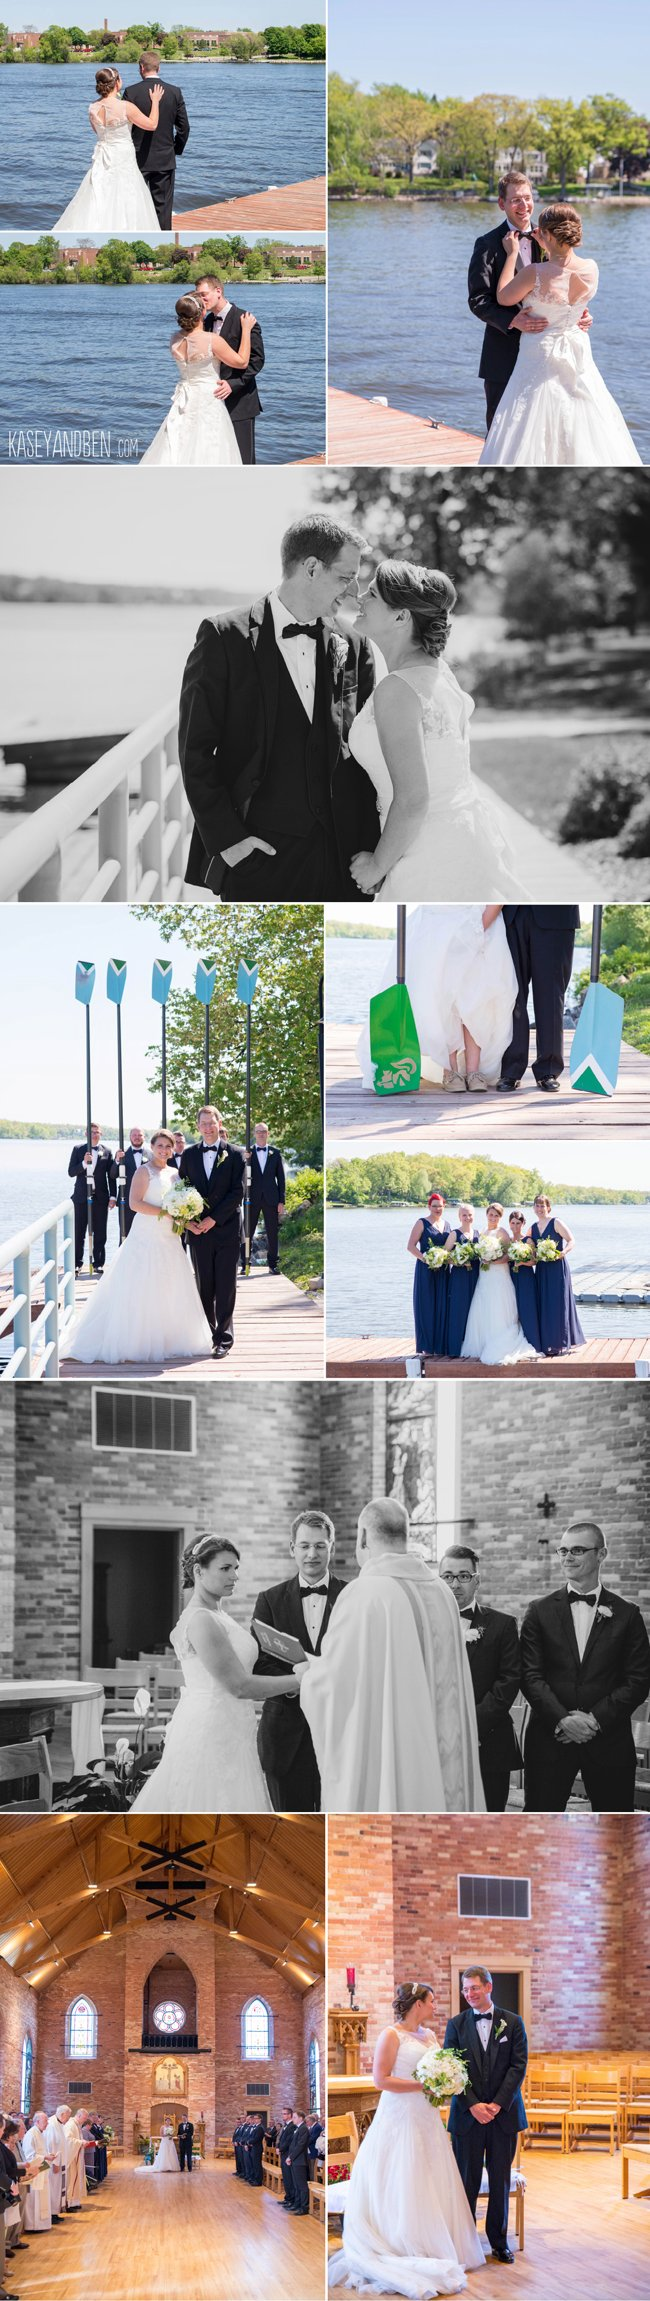 St-Norbert-Wedding-Photography-De-Pere-Wisconsin-Fox-River-Rowing-Bemis-Center-First-Look-Destination-Center-Kress-Kasey-and-Ben-Green-Bay-2